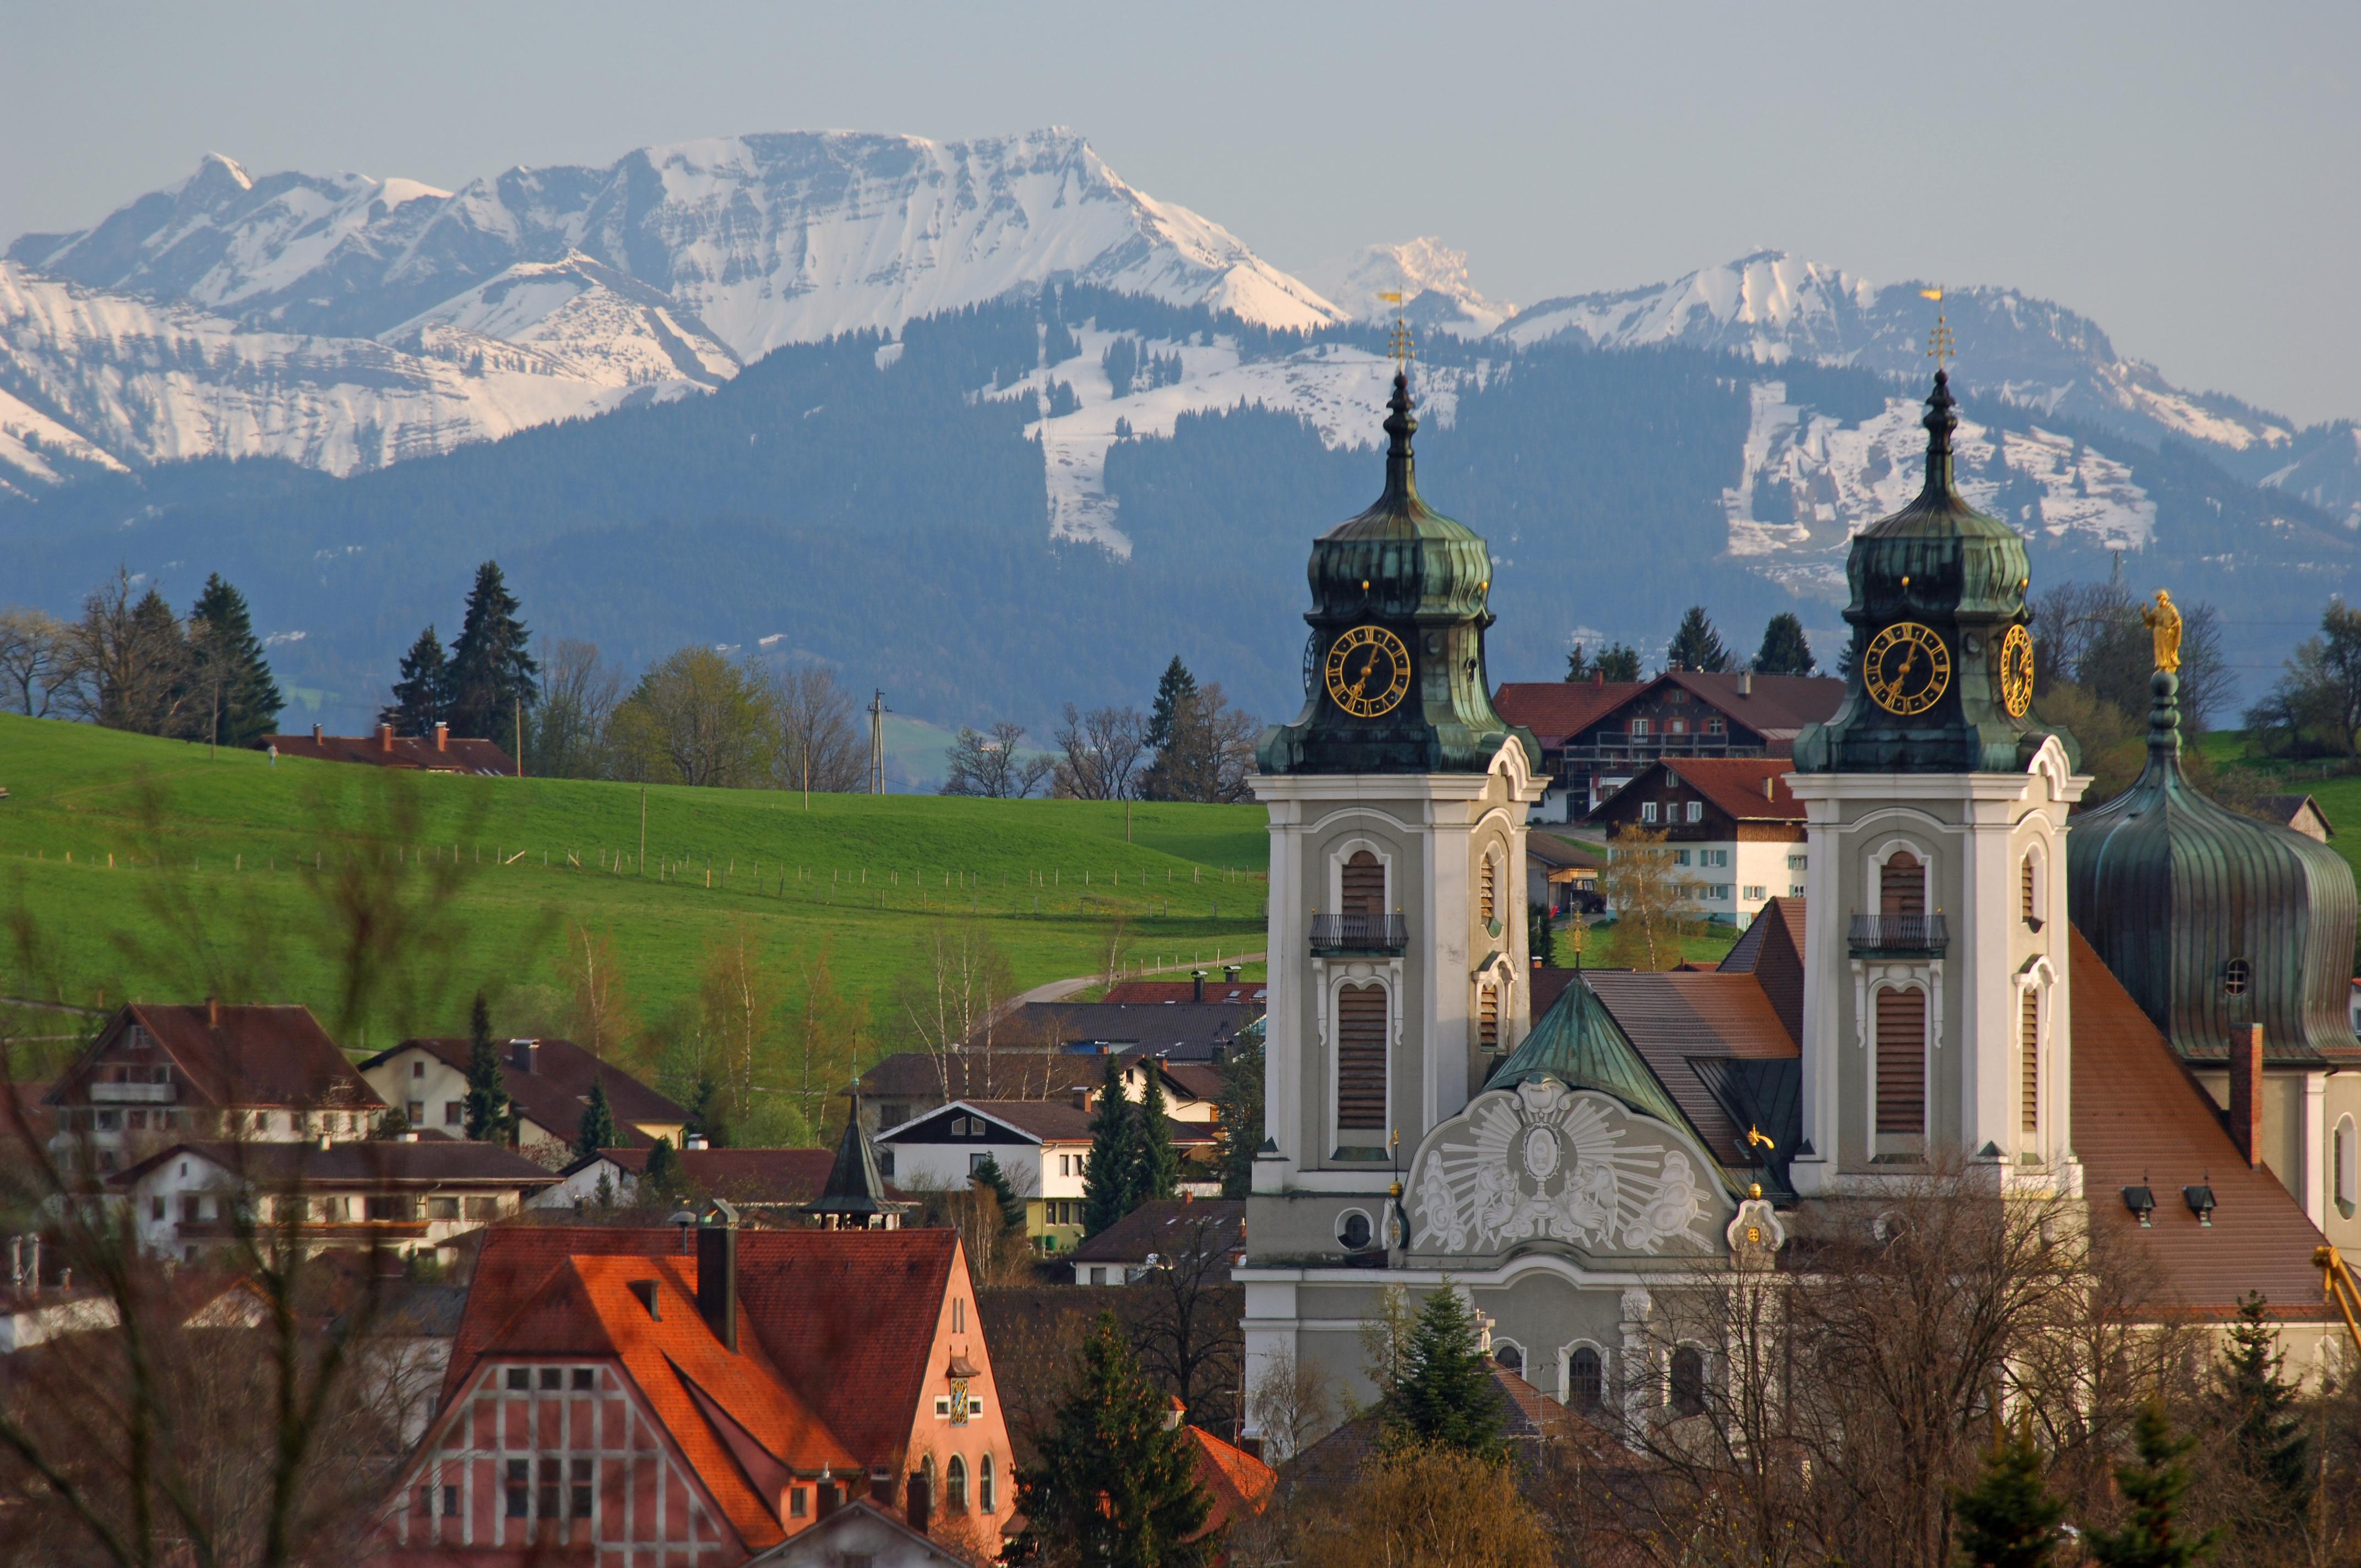 Stadtpfarrkirche vor Schnee bedeckten Bergen